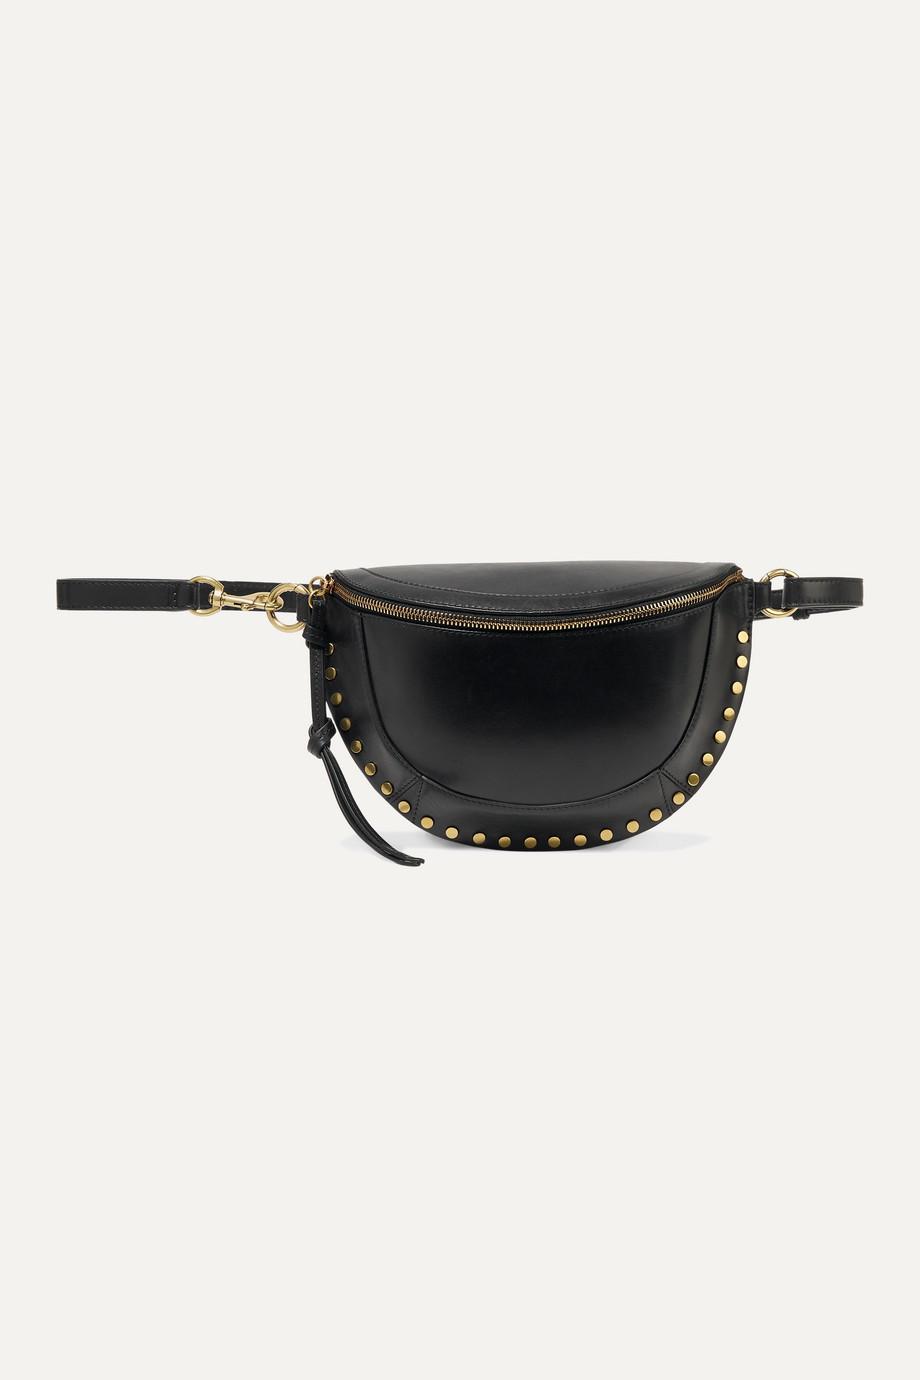 Isabel Marant Sac ceinture en cuir à clous Skano